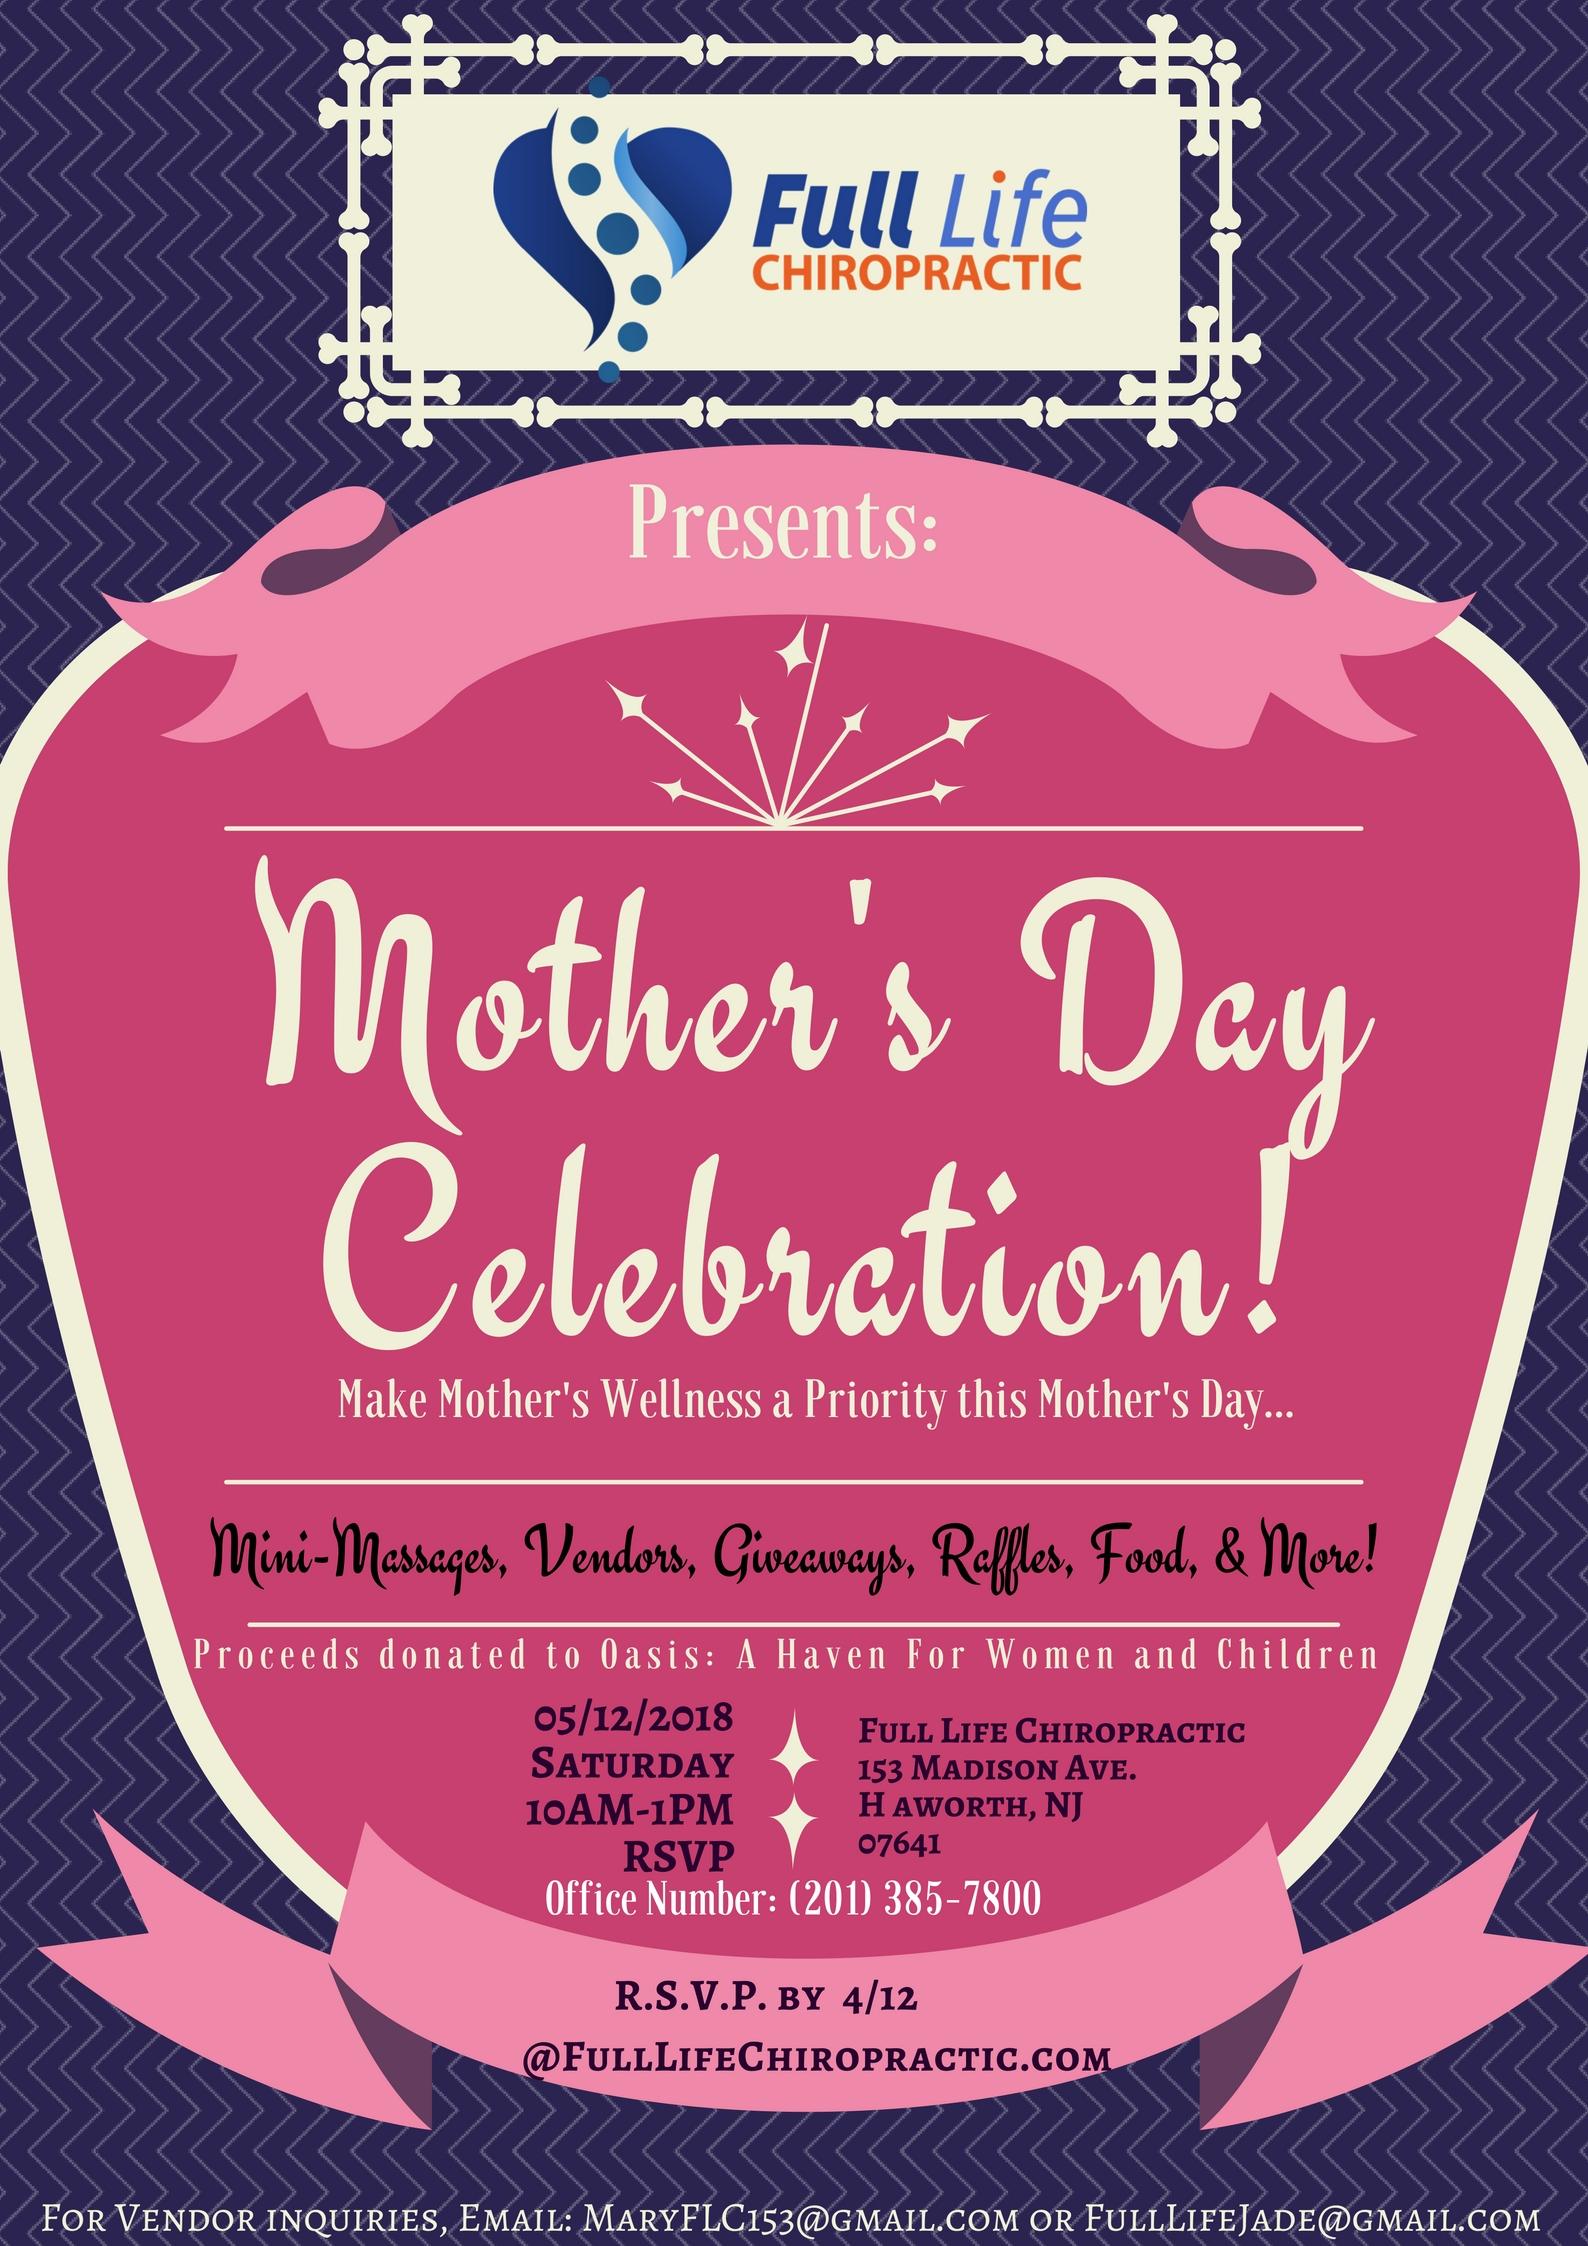 mothersday celebrate rsvp (3).jpg